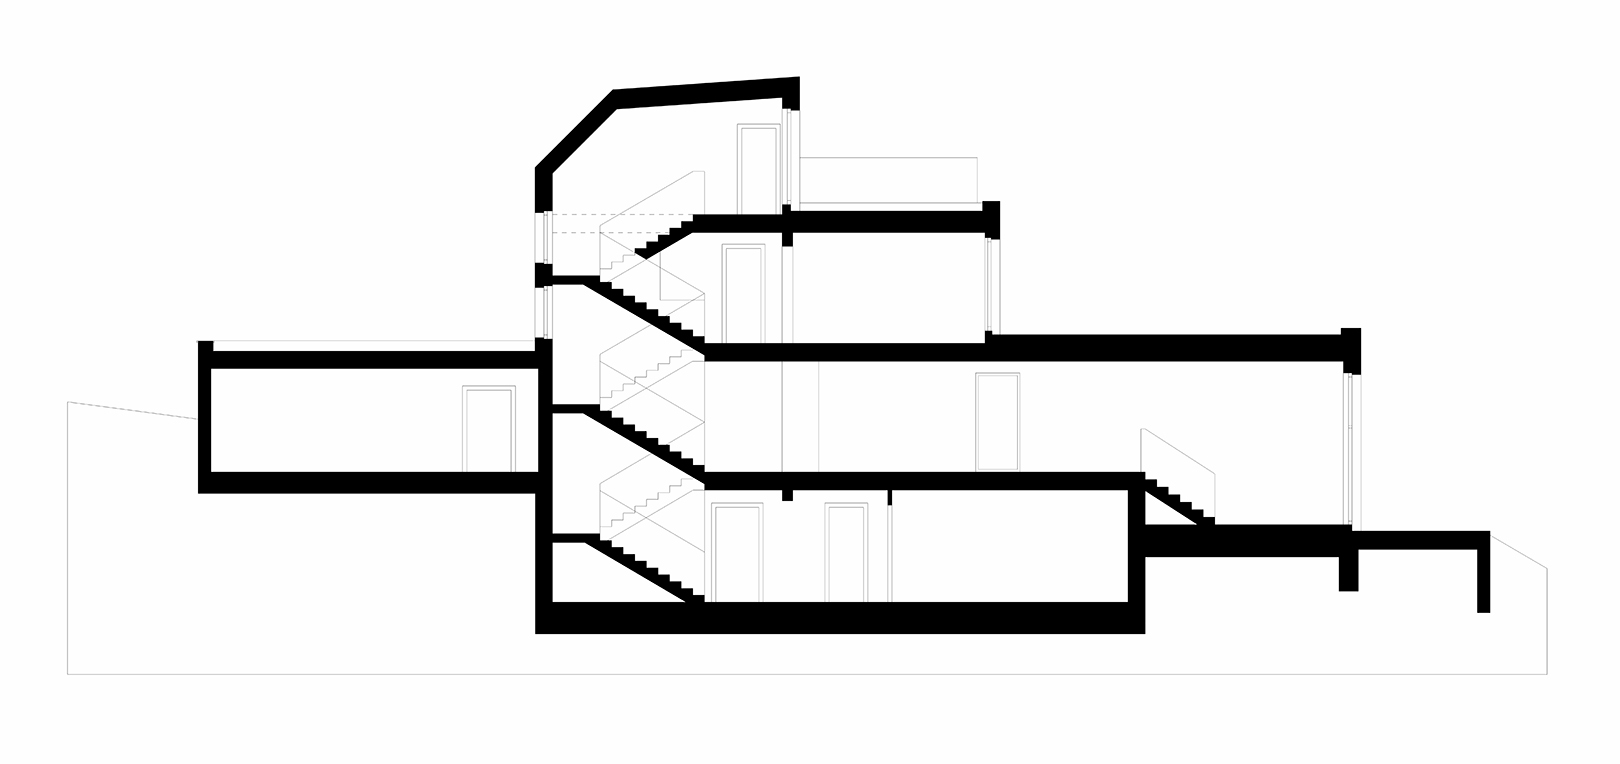 wunschhaus-haus-J6a-plan-Schnitt